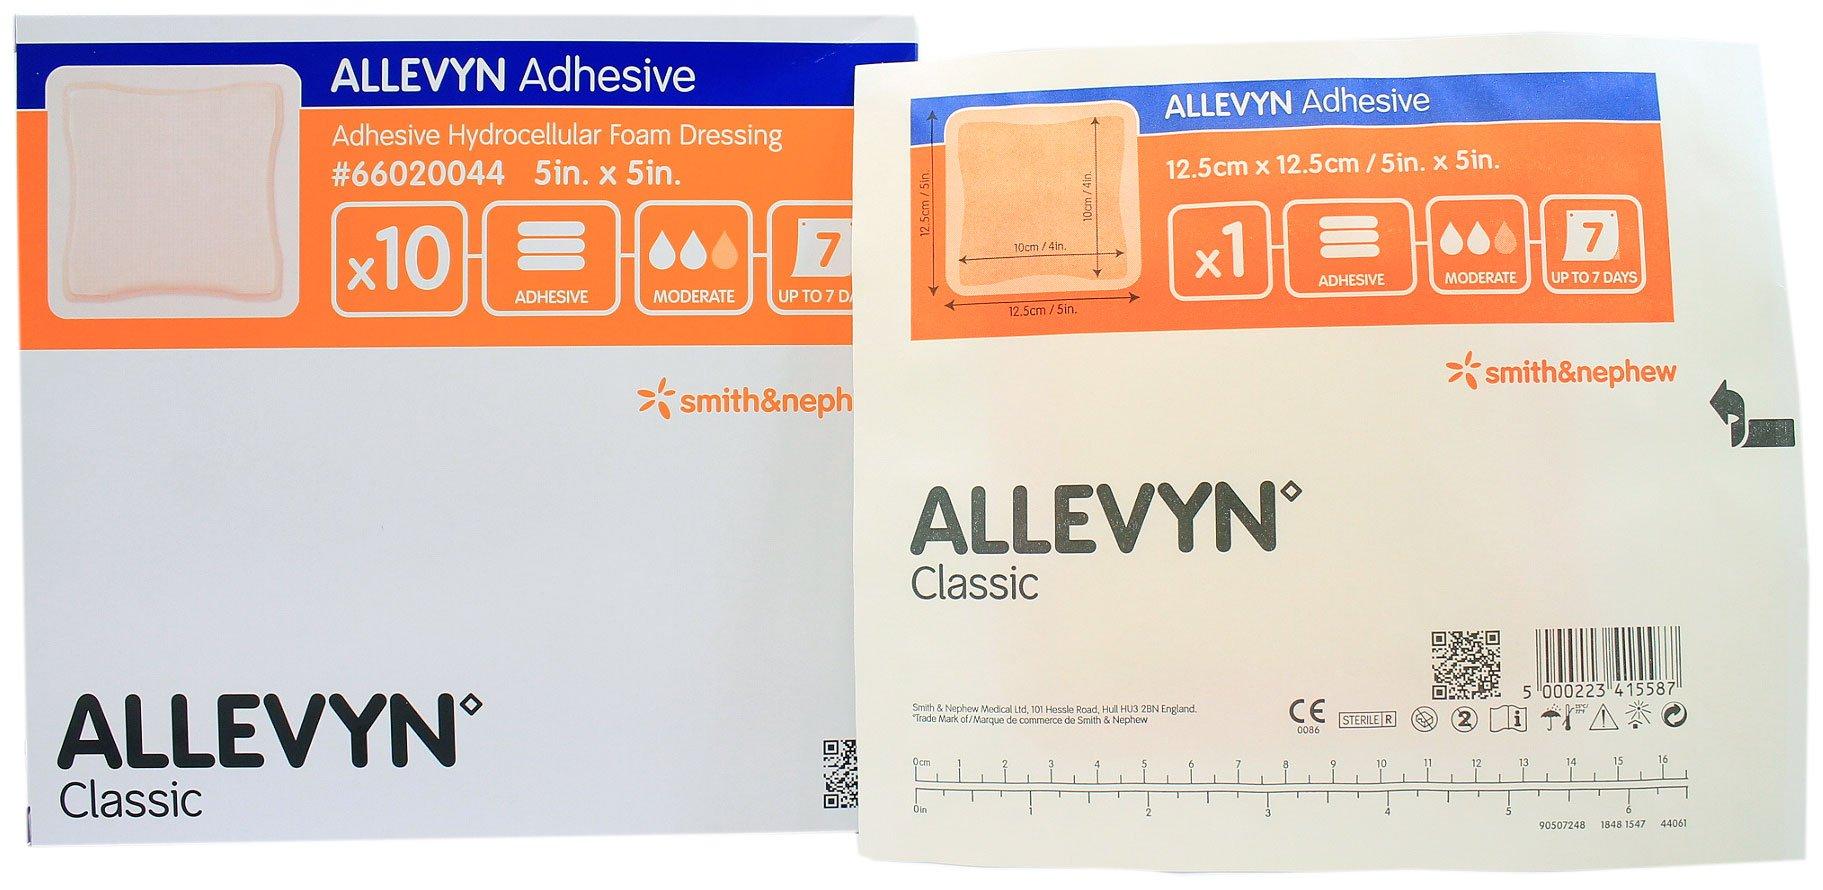 Smith Nephew 66020044 Allevyn Adhesive Foam Dressing 5'' x 5'' - Box of 10 by Allevyn